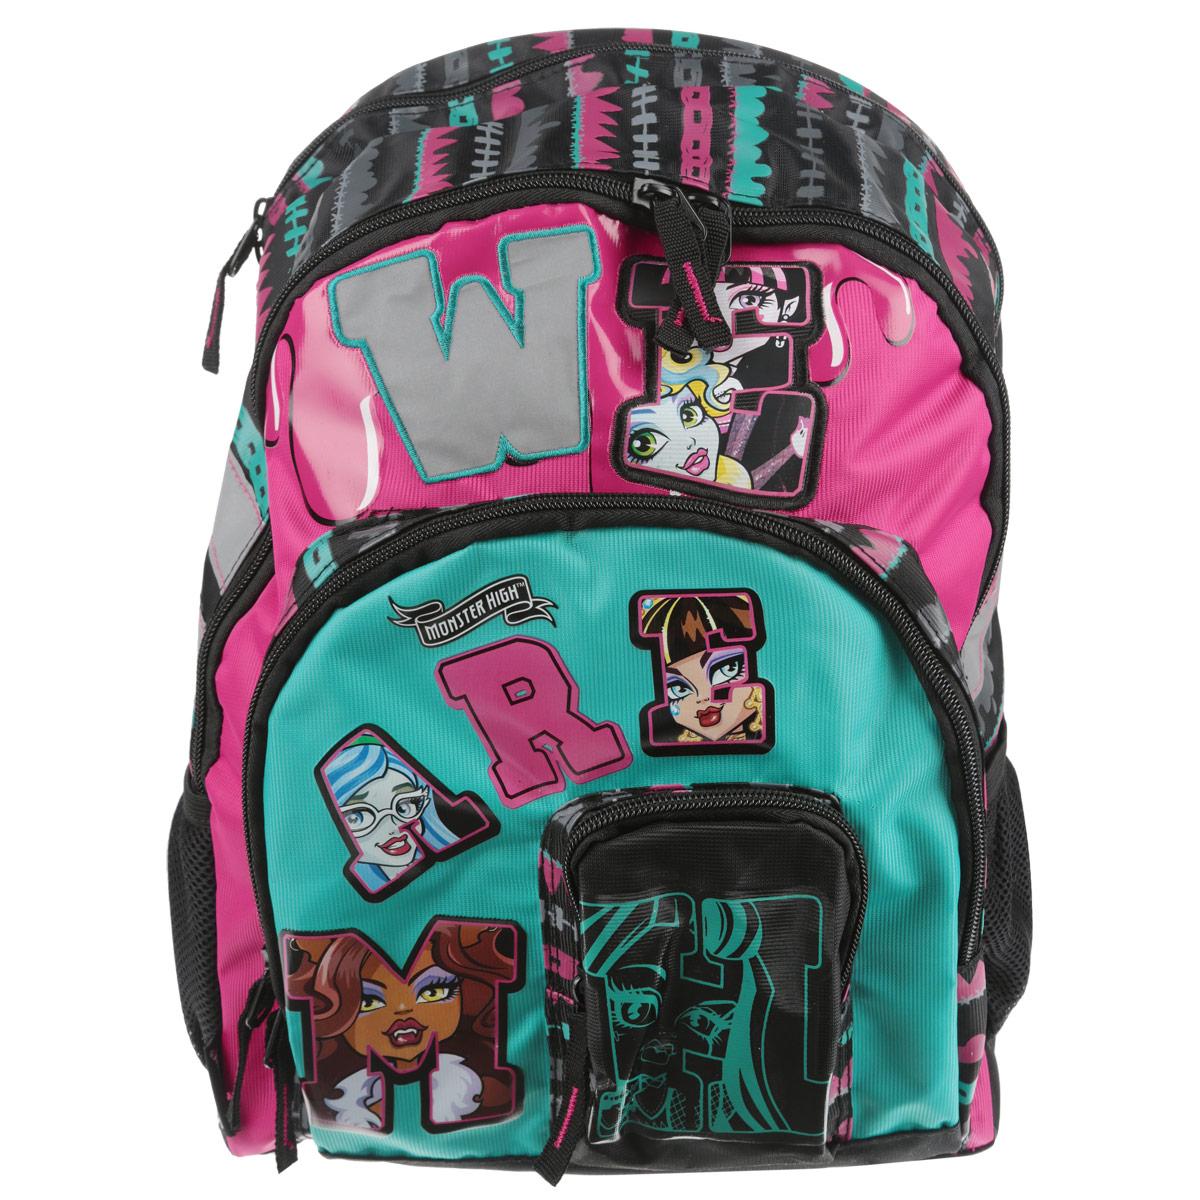 Рюкзак школьный Monster High, цвет: черный, розовый, бирюзовый. MHCB-MT1-76772523WDЯркий стильный школьный рюкзак Monster High понравится каждой девочке-поклоннице мультсериала Школа монстров. Выполнен из прочных и высококачественных материалов, дополнен изображением учениц Monster High.Содержит два вместительных отделения, закрывающиеся на застежки-молнии. В большом отделении находятся две перегородки для тетрадей или учебников. Дно рюкзака можно сделать жестким, разложив специальную панель с пластиковой вставкой, что повышает сохранность содержимого рюкзака и способствует правильному распределению нагрузки. Лицевая сторона оснащена двумя накладными карманами на молнии, один из которых для мобильного телефона. По бокам расположены два открытых накладных кармана, стянутых сверху резинкой. Специально разработанная архитектура спинки со стабилизирующими набивными элементами повторяет естественный изгиб позвоночника. Набивные элементы обеспечивают вентиляцию спины ребенка. Мягкие широкие лямки позволяют легко и быстро отрегулировать рюкзак в соответствии с ростом. Рюкзак оснащен эргономичной ручкой для удобной переноски в руке. Светоотражающие элементы обеспечивают безопасность в темное время суток.Такой школьный рюкзак станет незаменимым спутником вашего ребенка в походах за знаниями.Рекомендуемый возраст: от 10 лет.